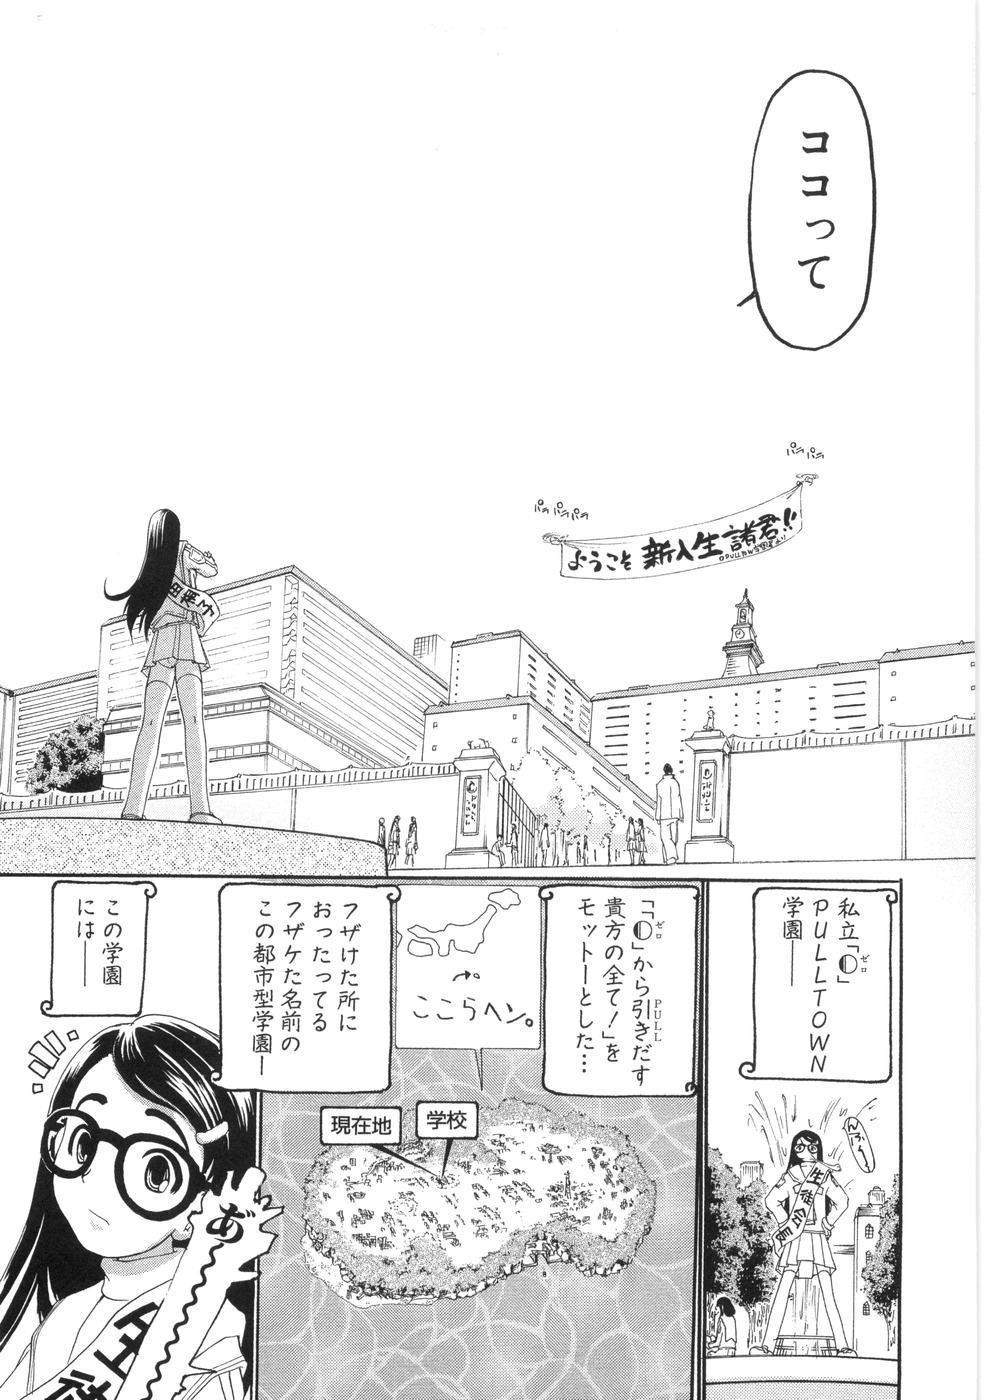 0 PULL TOWN Gakuen e Youkoso! 11